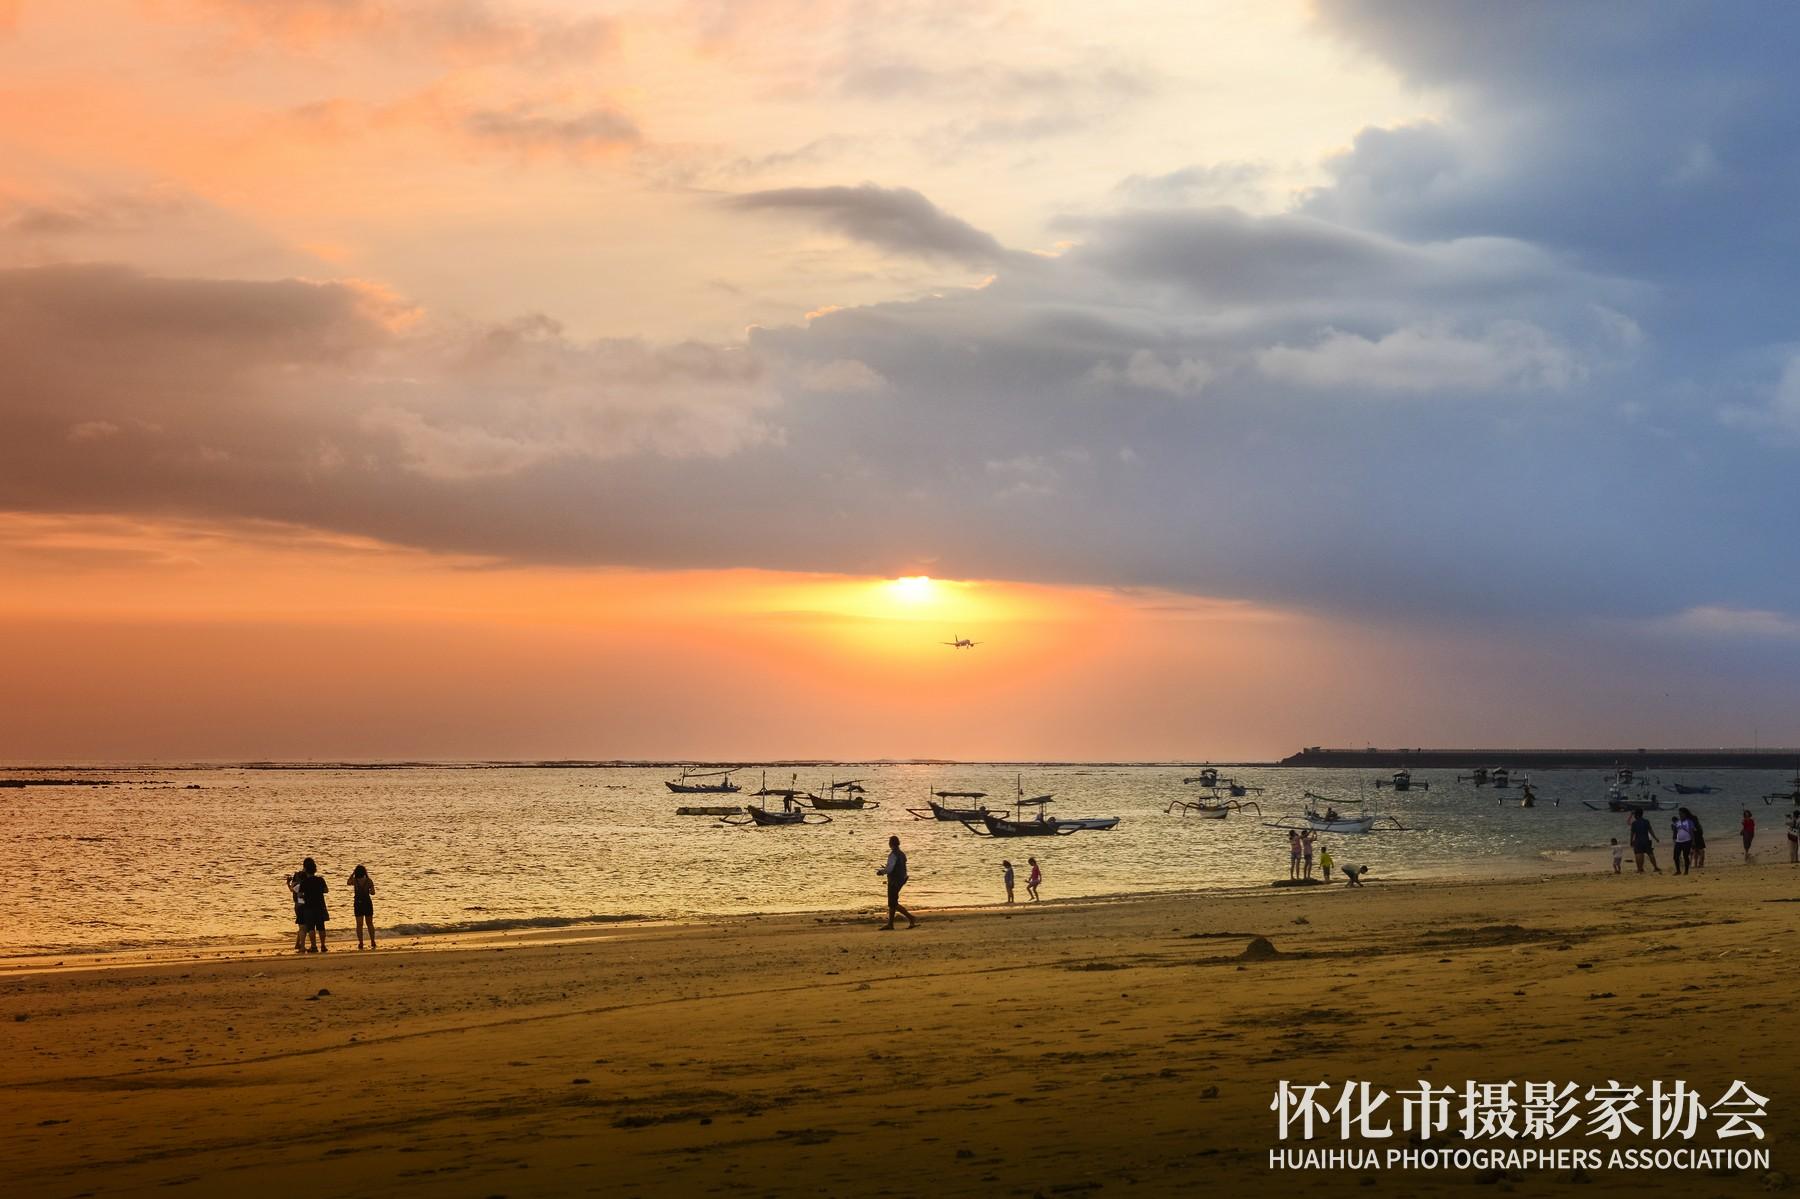 《金巴兰海滩》米建华